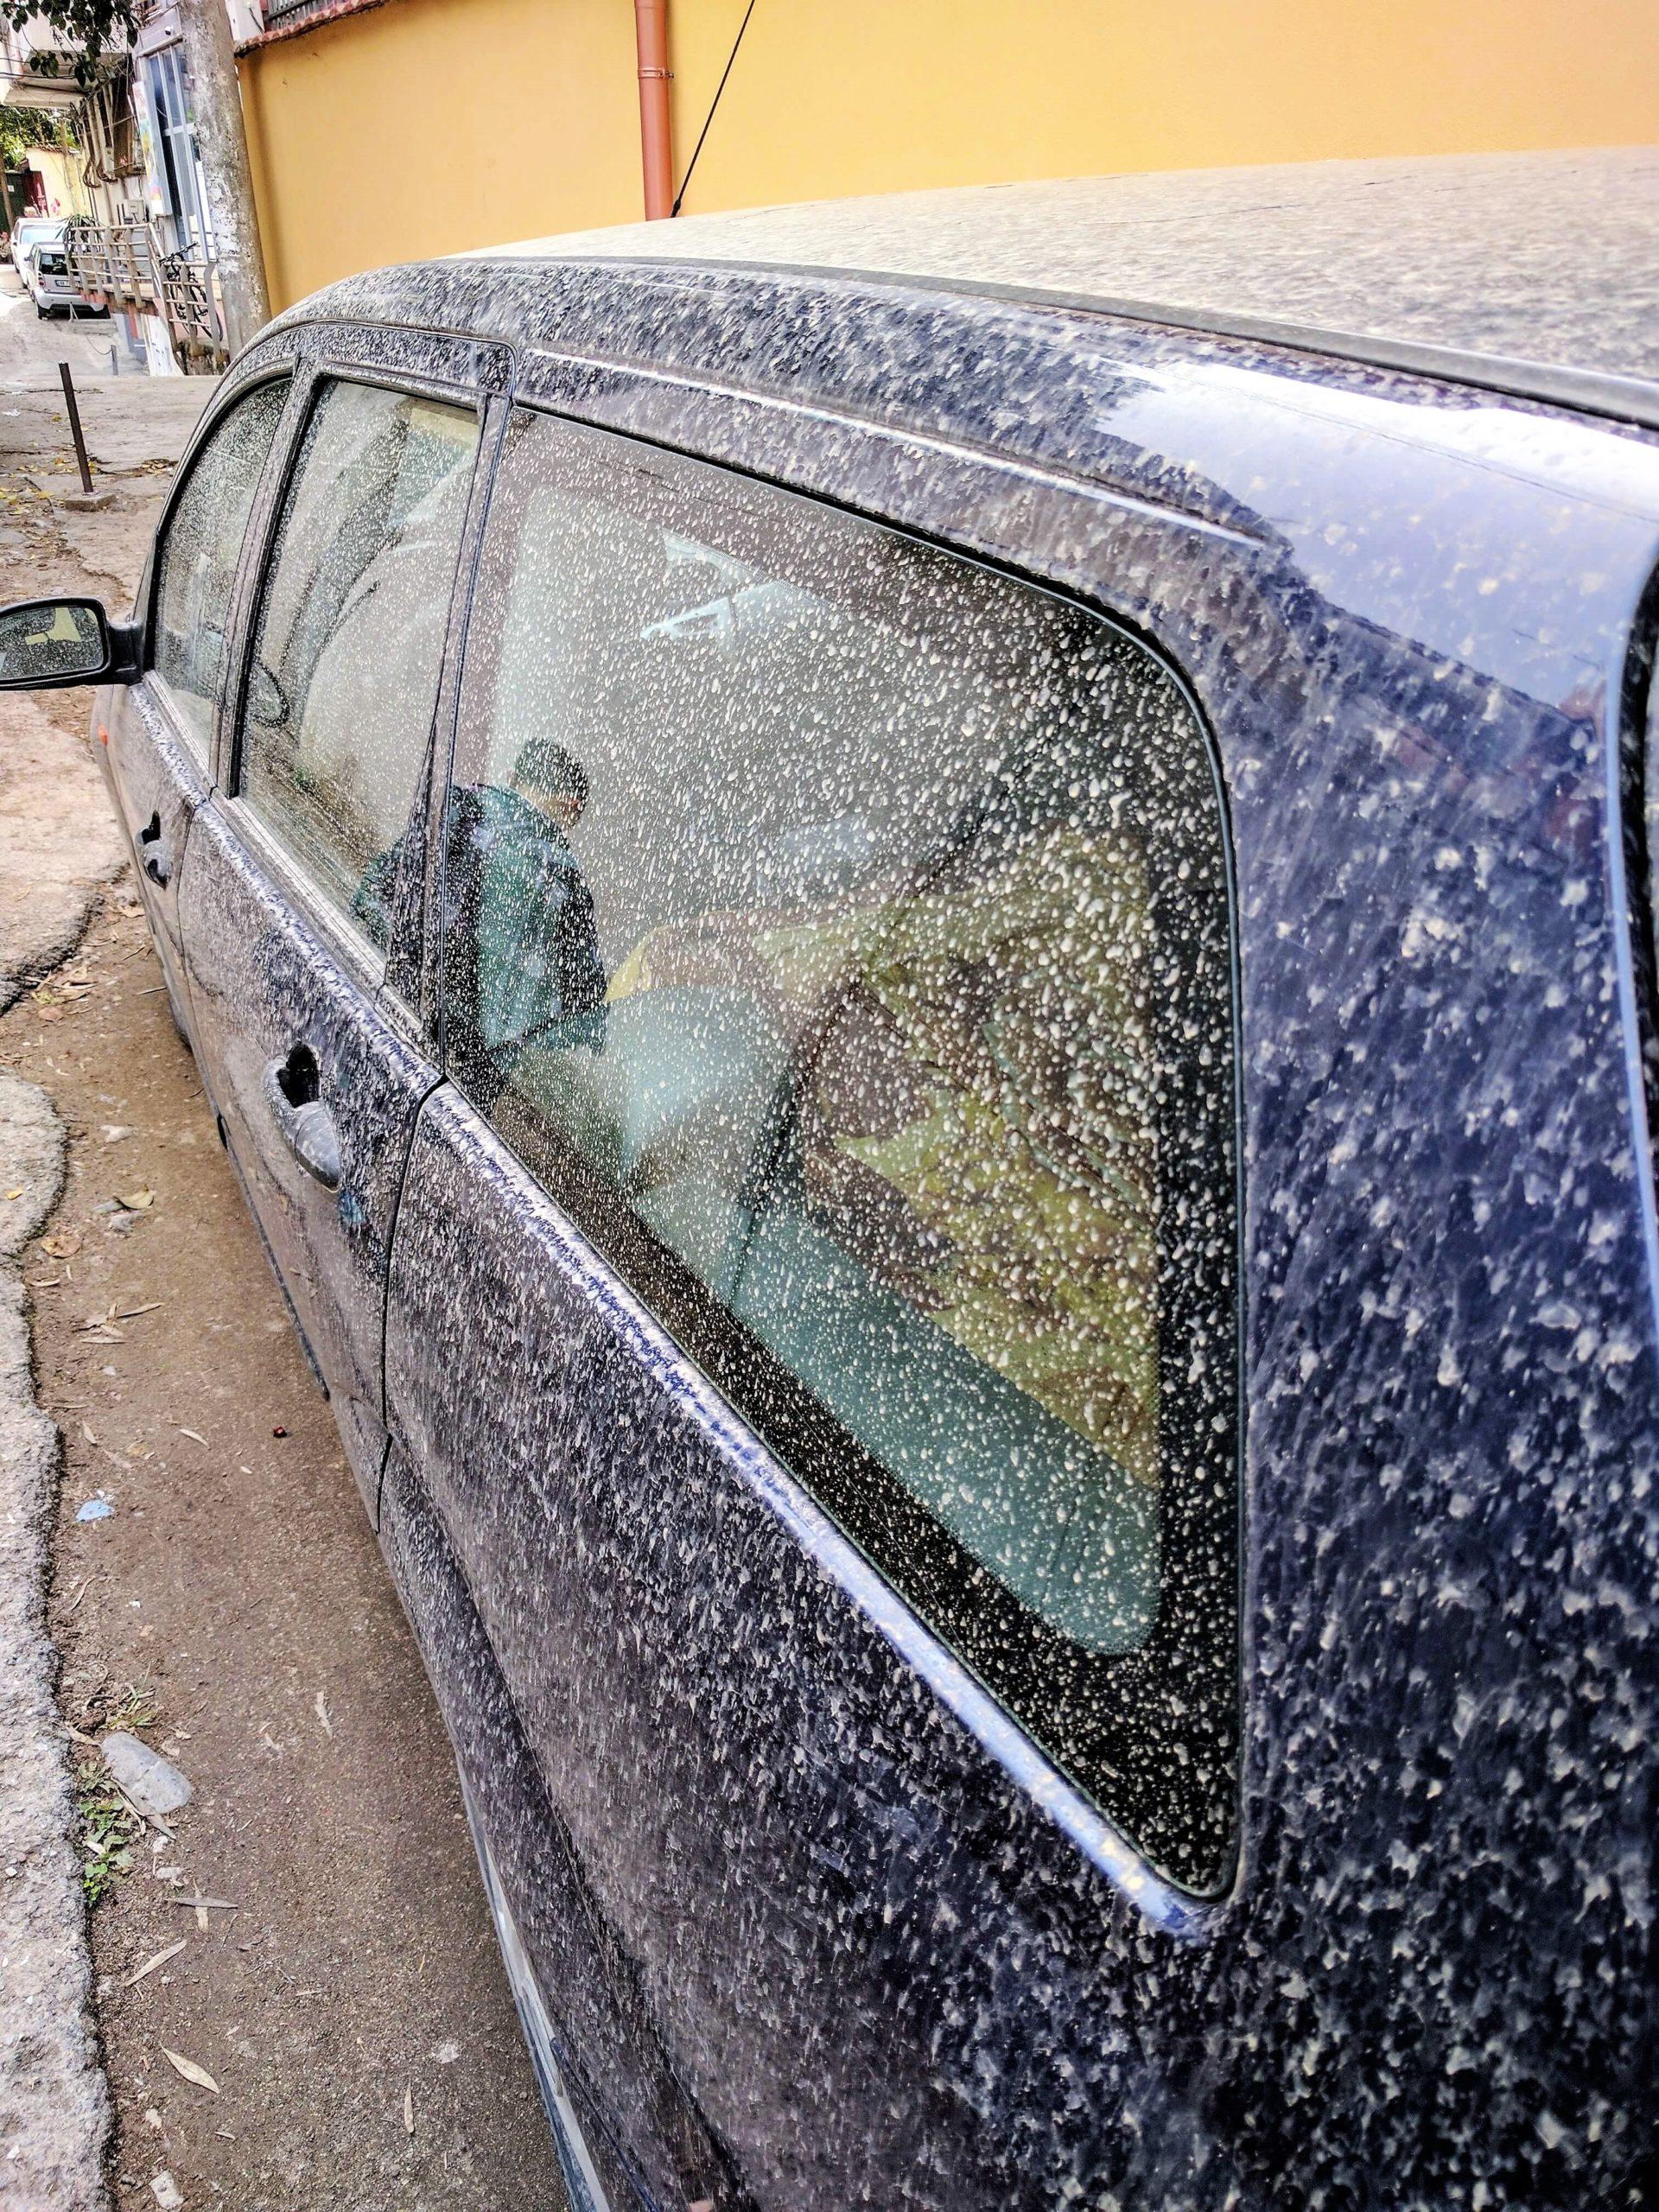 Dirty car in Tirana